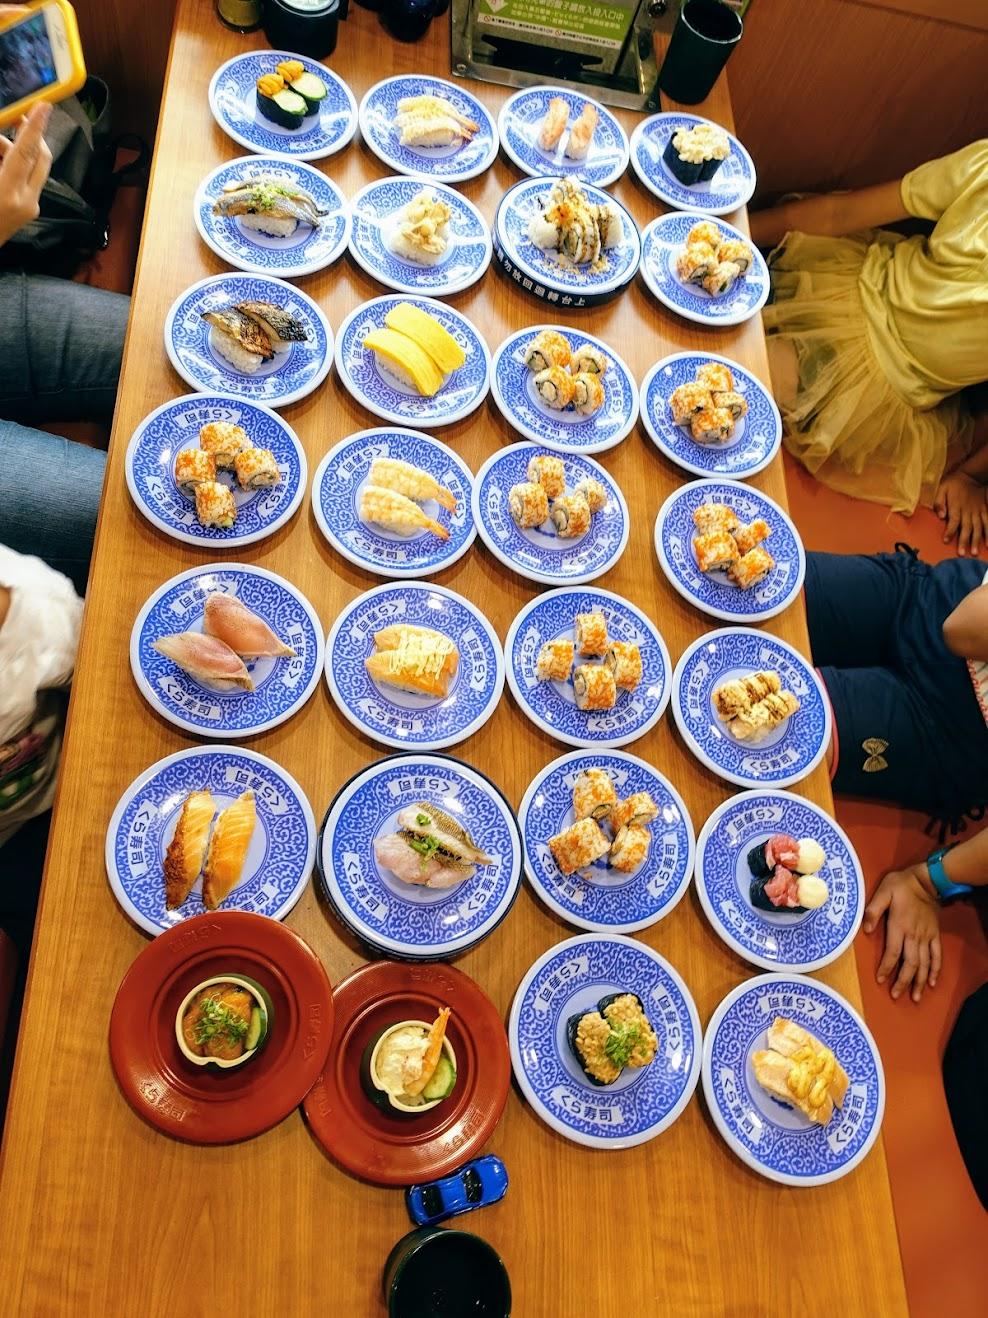 當然也必須擺的壯觀,把桌子擺滿....小朋友表示: 我什麼時候才能吃啊啊啊啊...